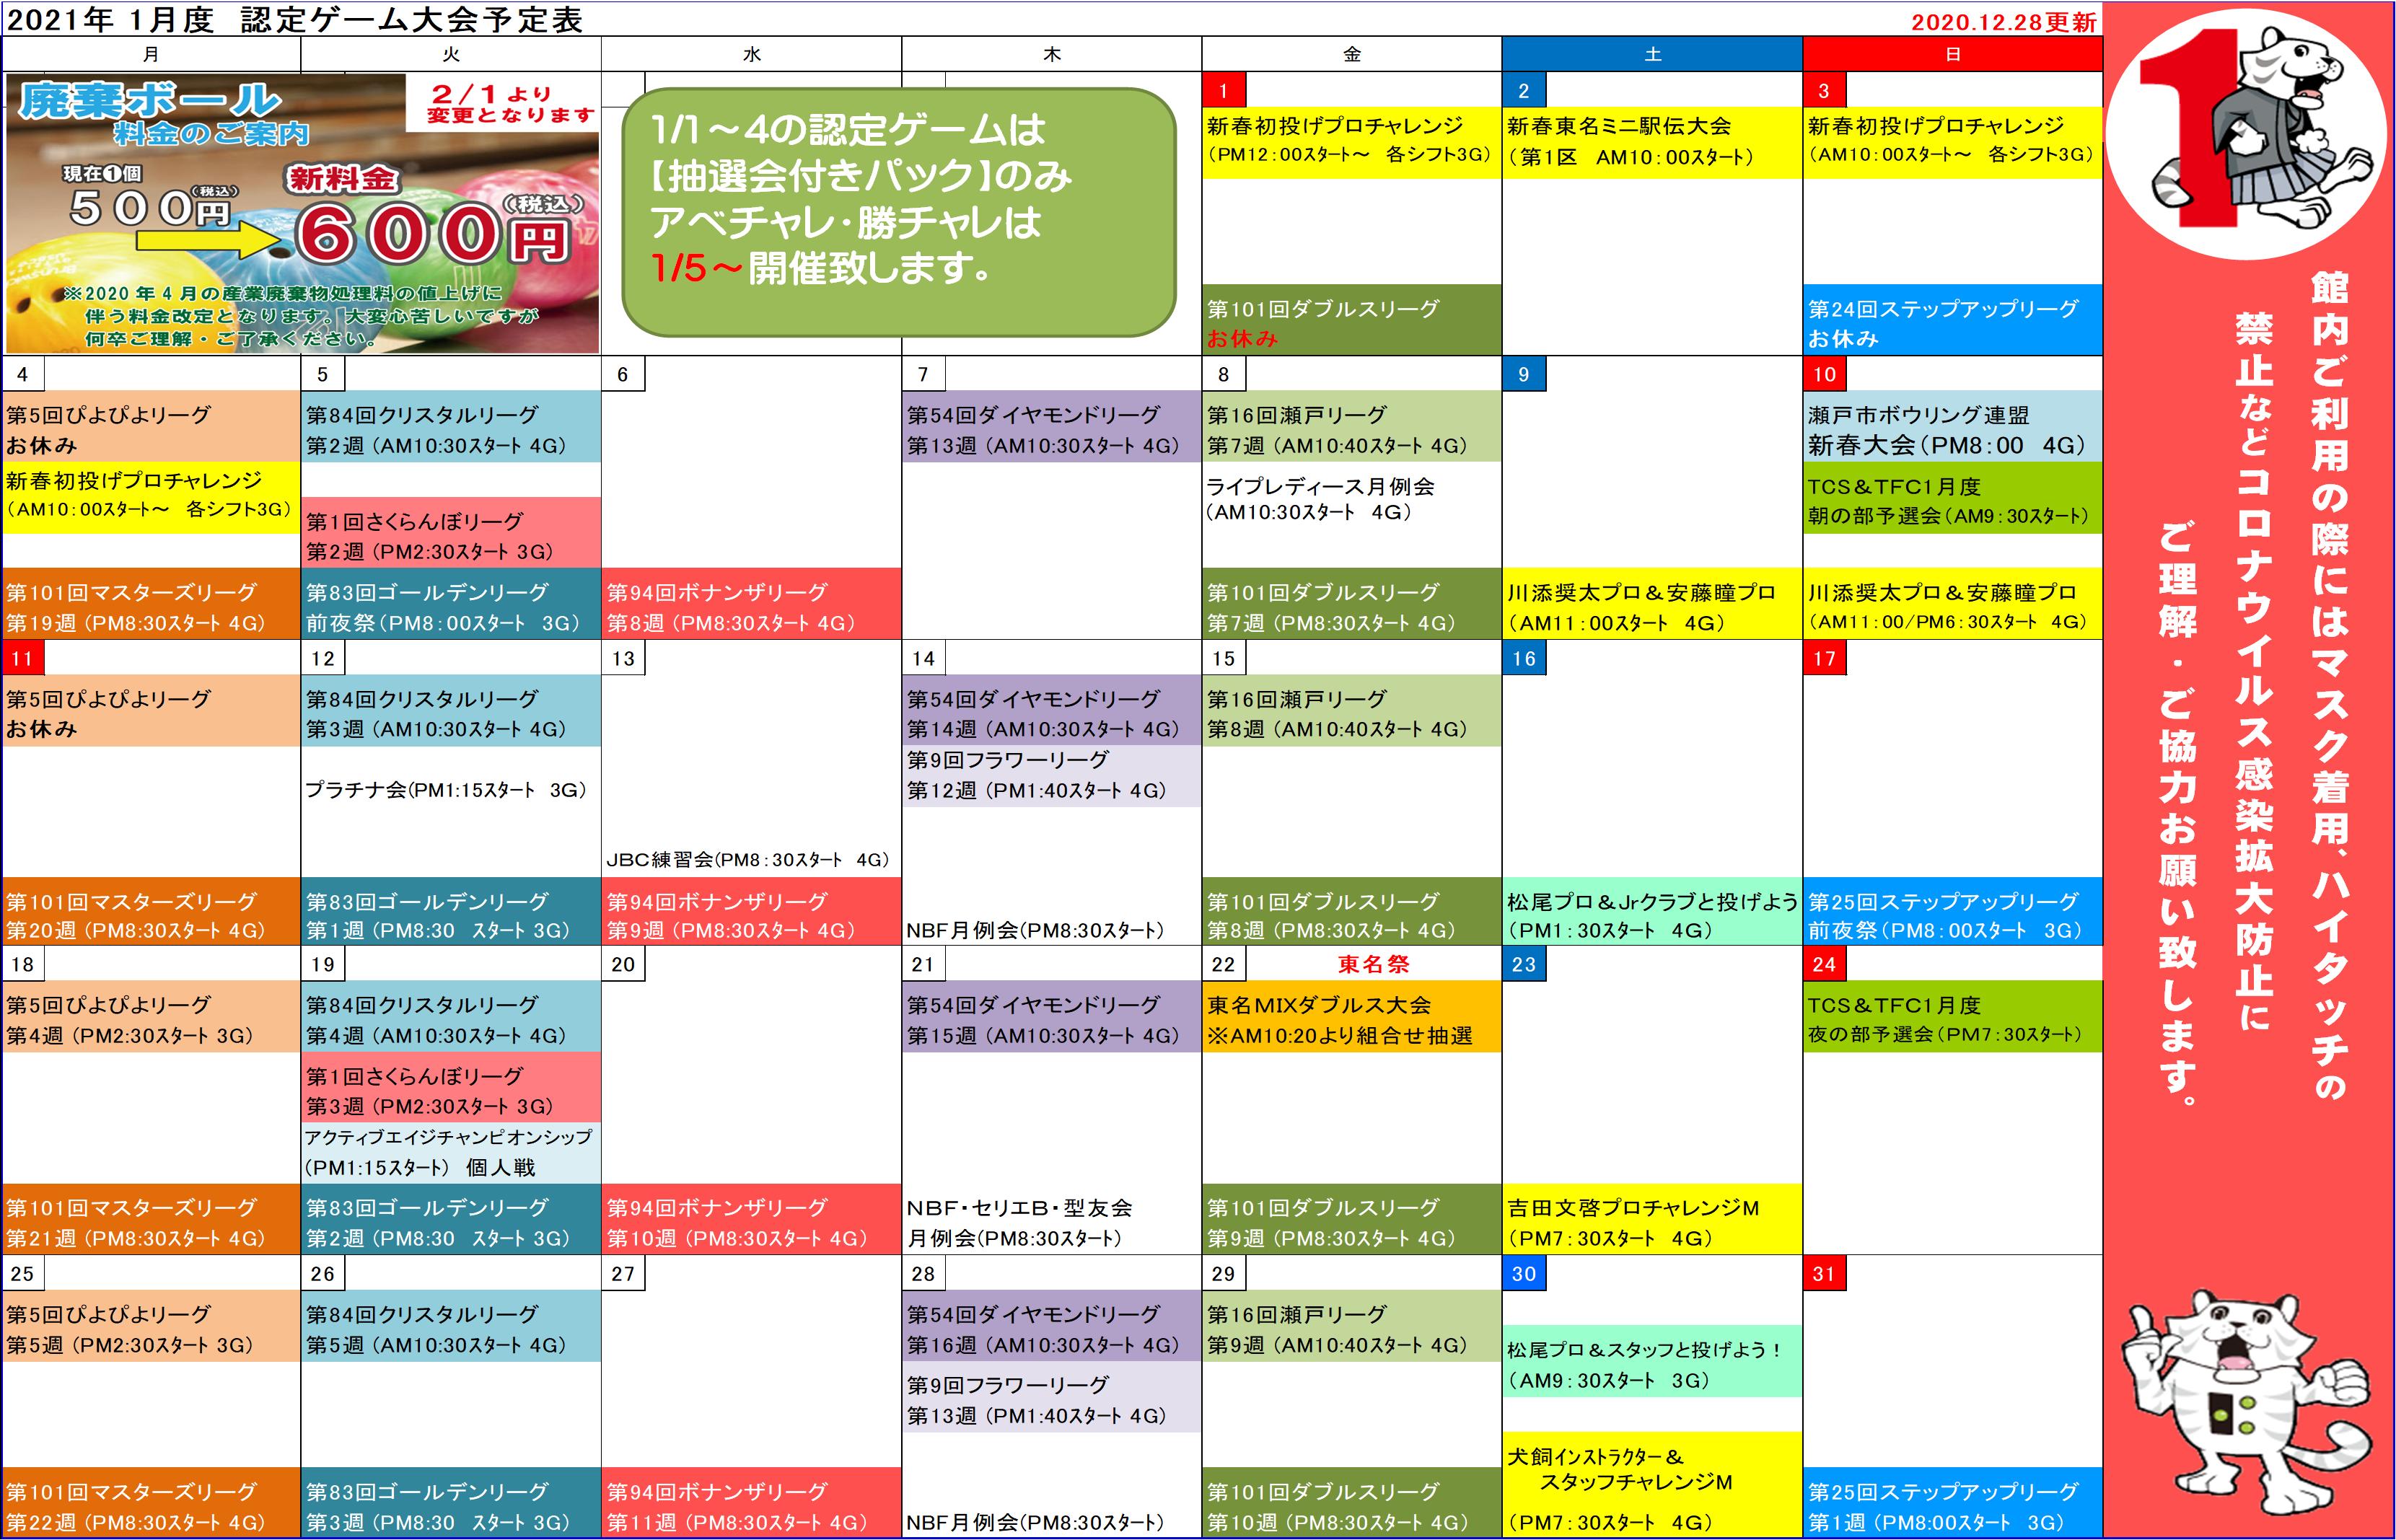 ★会員様向け★1月認定ゲーム大会予定表